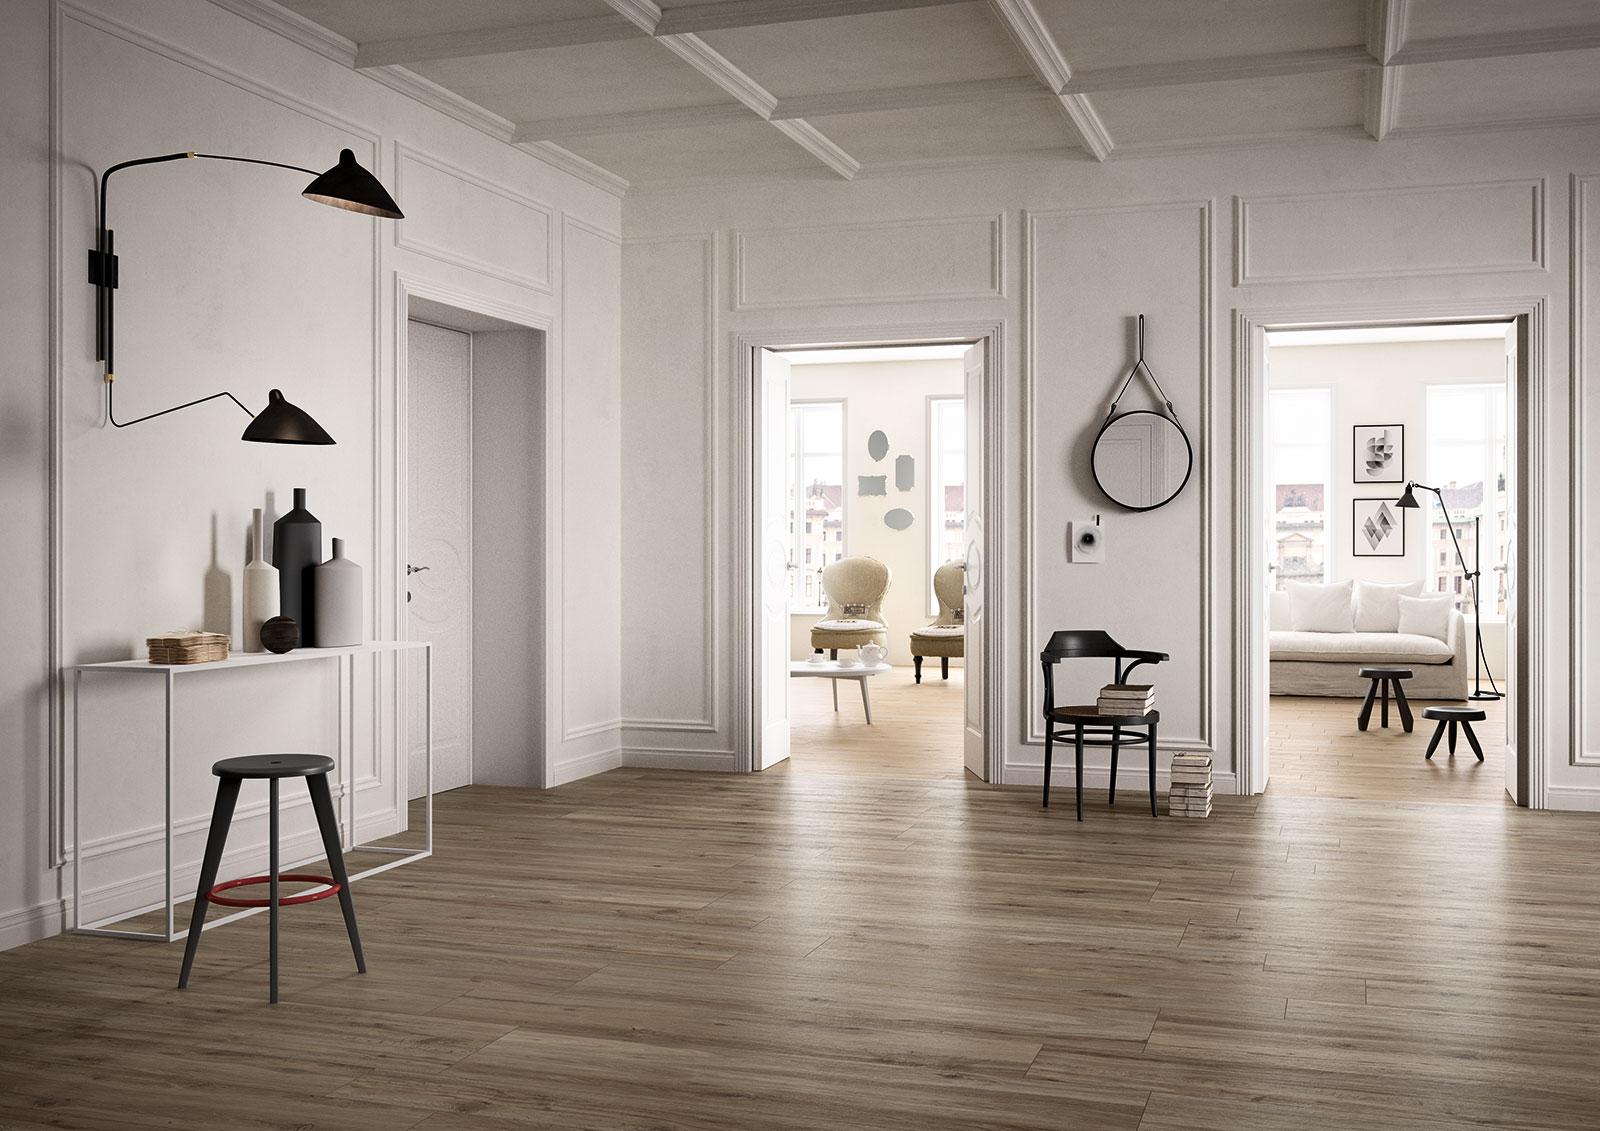 fliesen wohnzimmer trend:wohnzimmer fliesen beispiele : Wohnzimmer ...